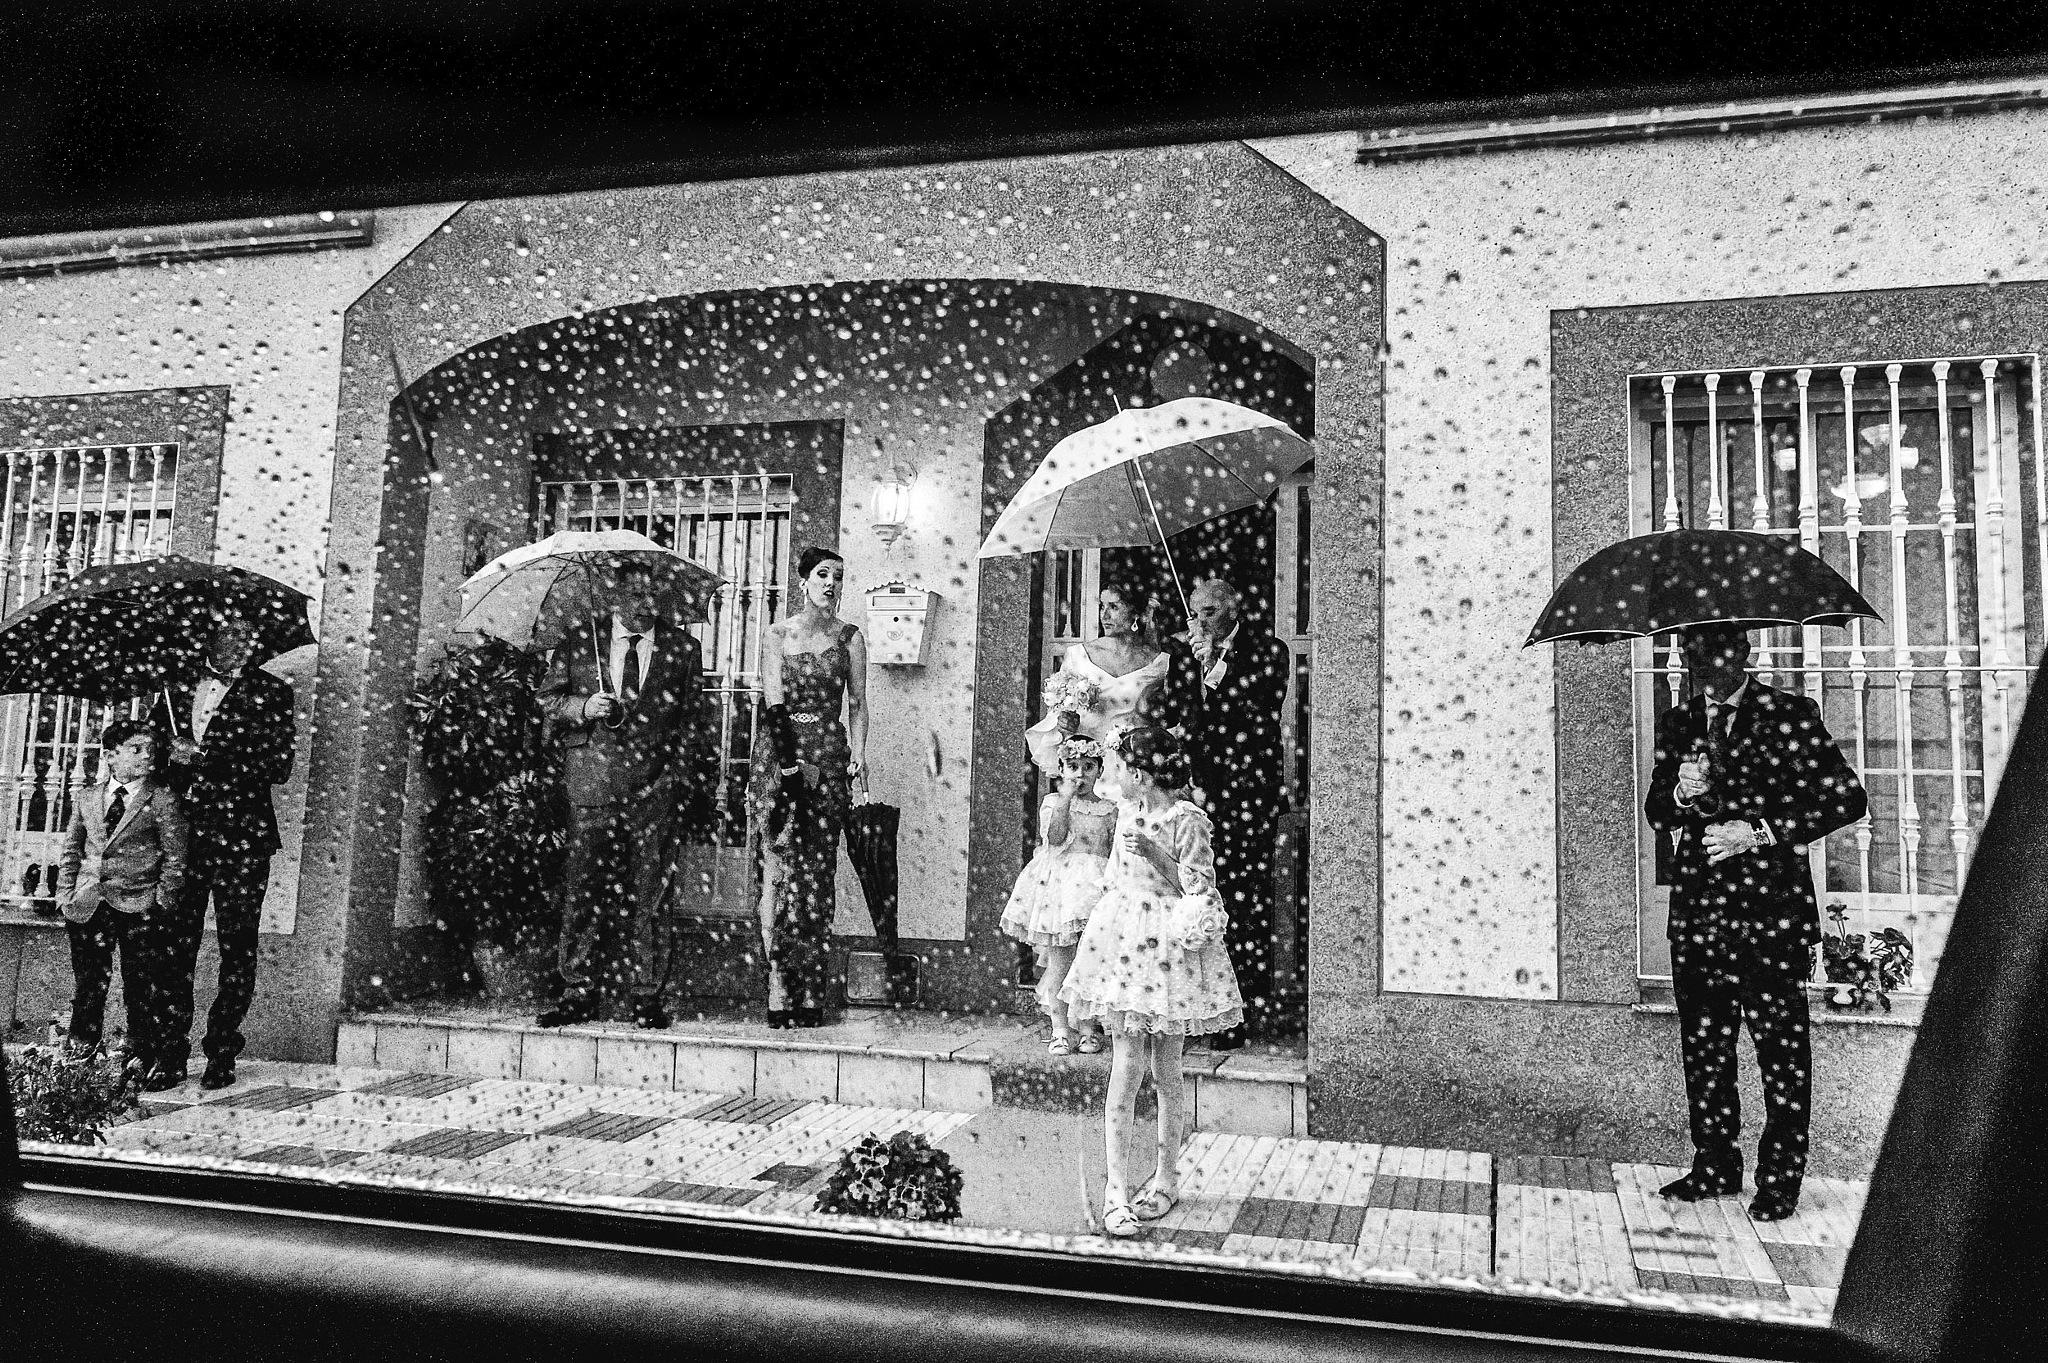 Untitled by agustinregidorrios